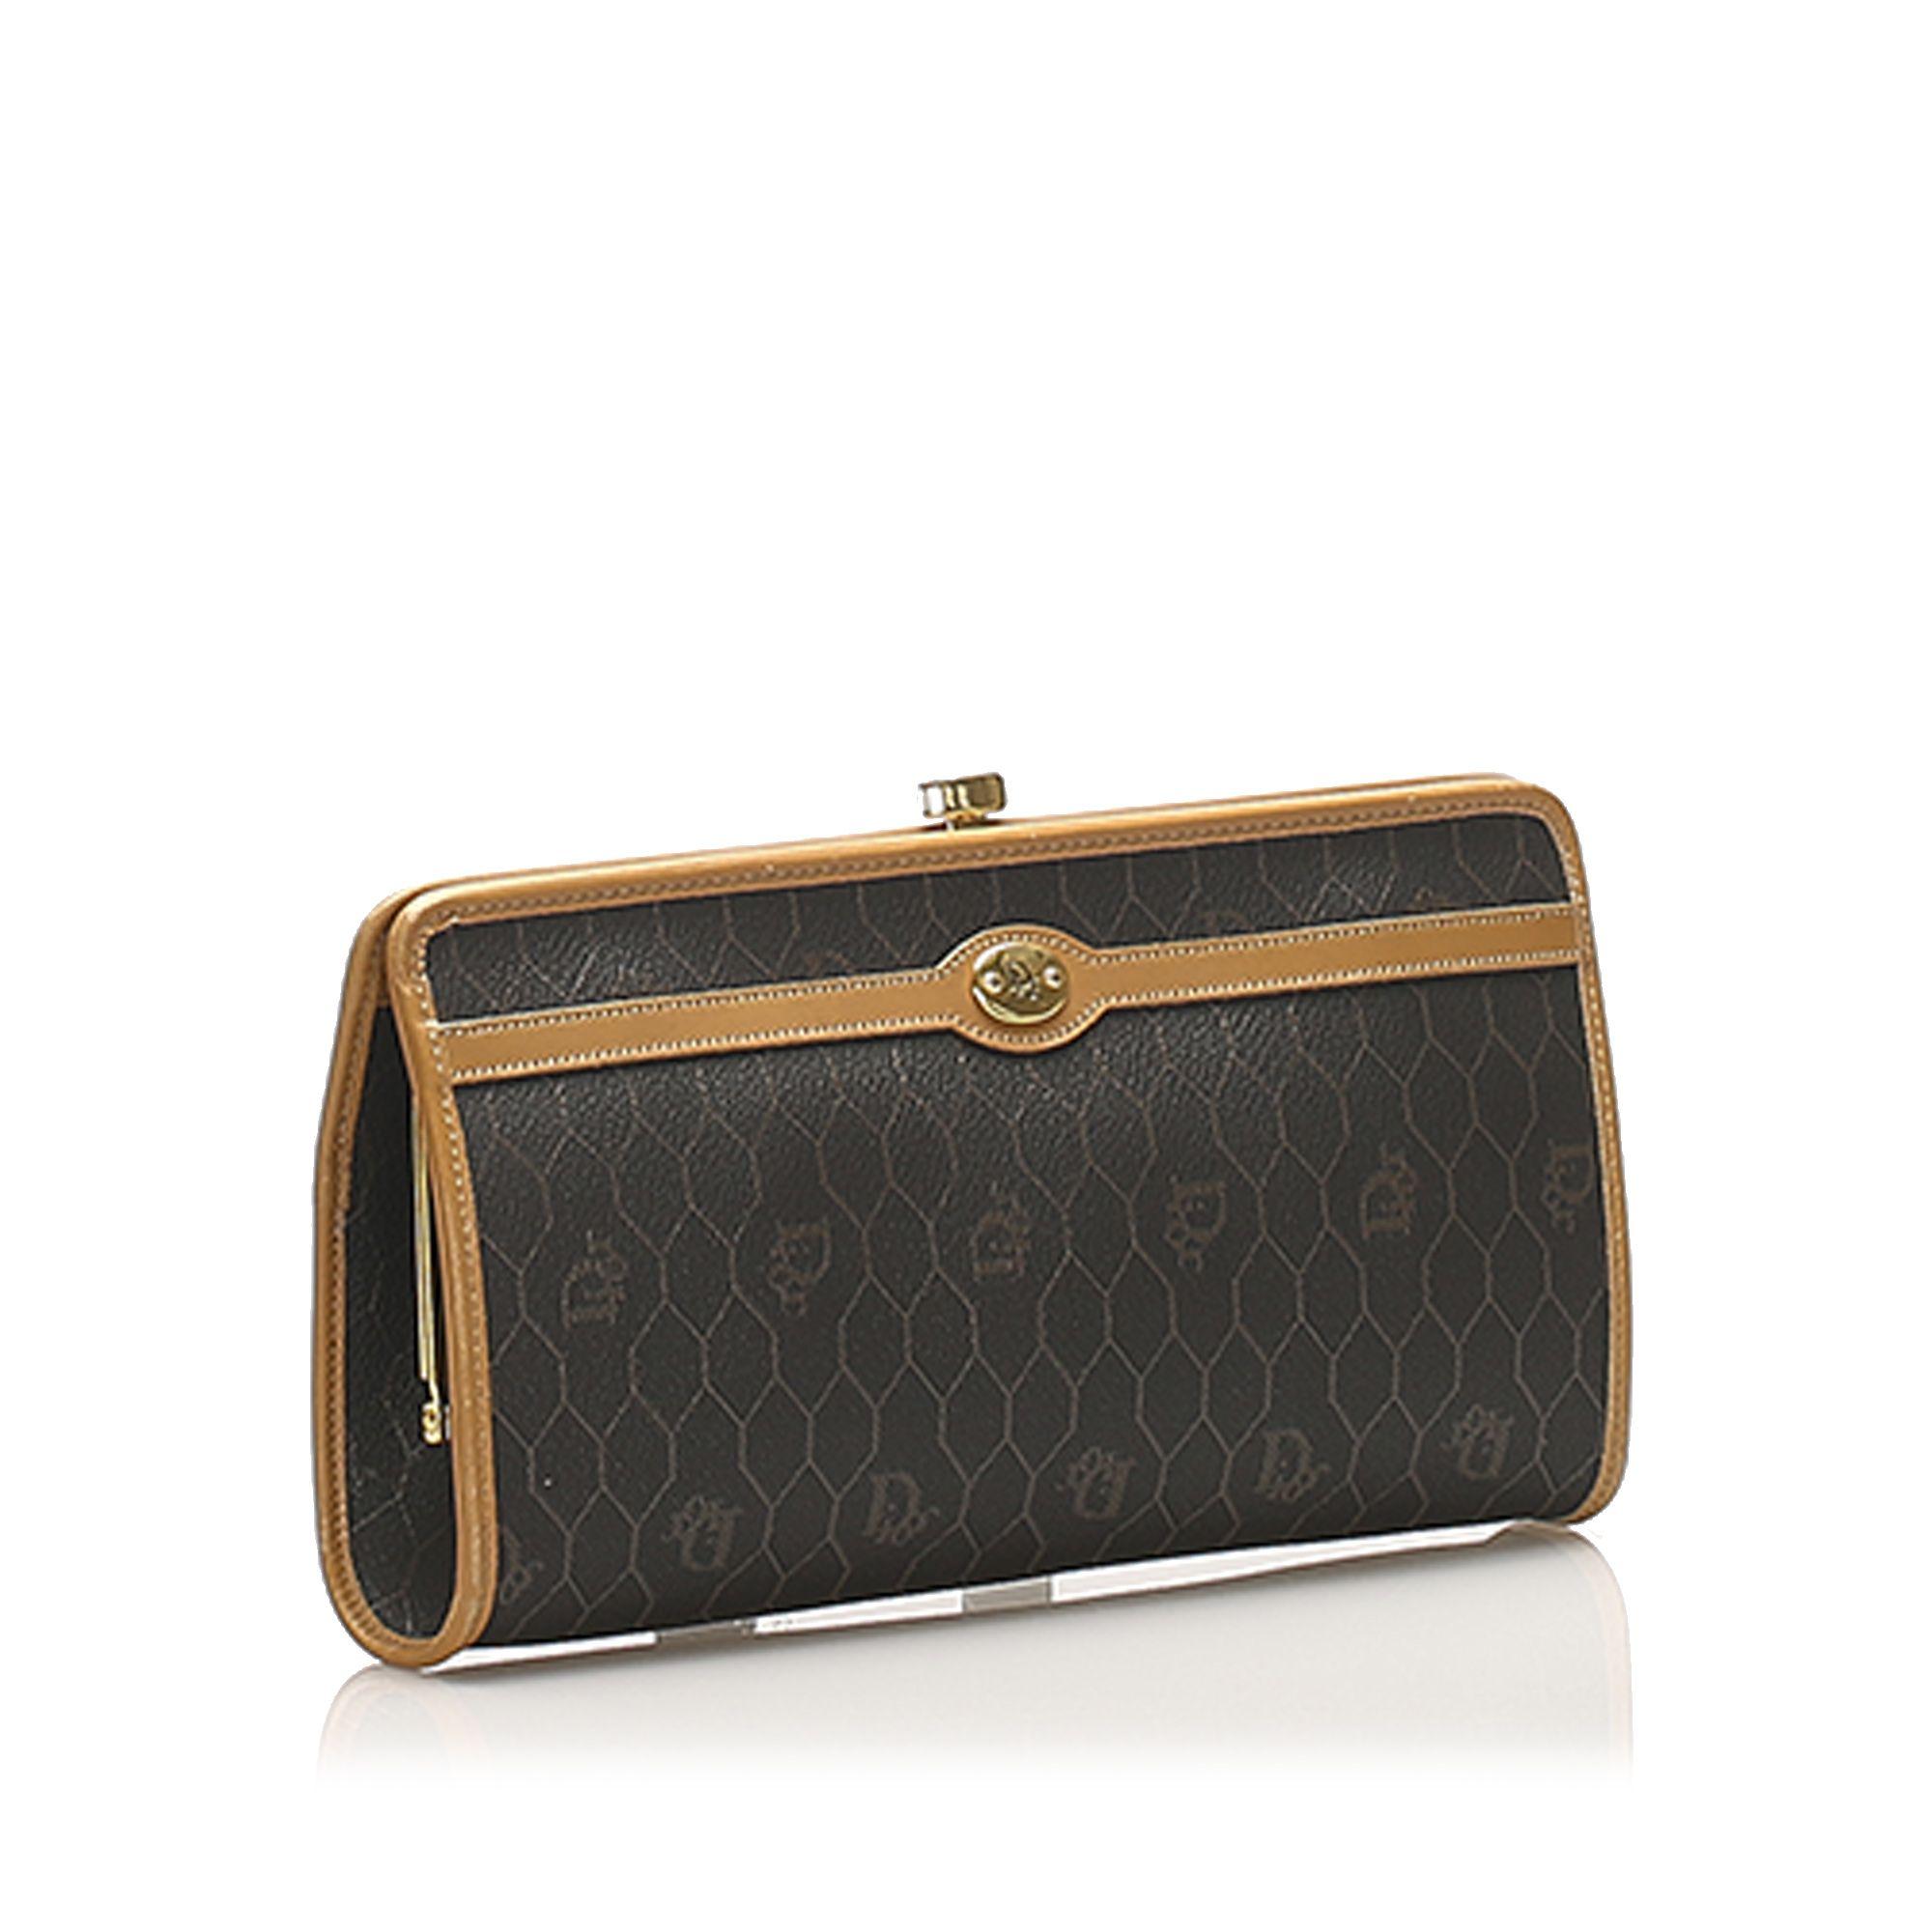 Vintage Dior Honeycomb Coated Canvas Clutch Bag Black